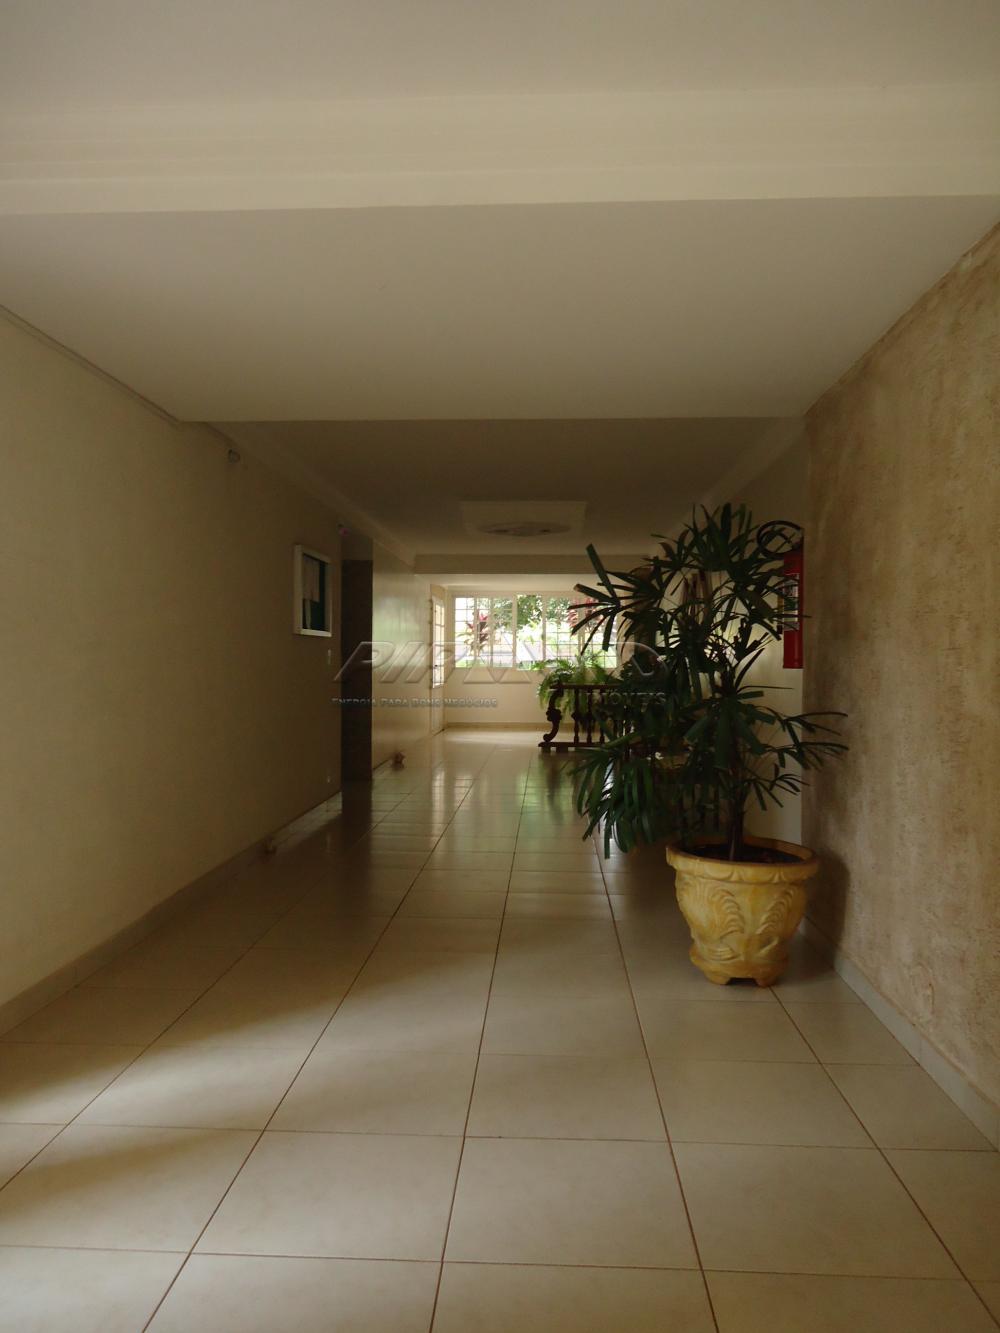 Comprar Apartamento / Padrão em Ribeirão Preto R$ 190.000,00 - Foto 16